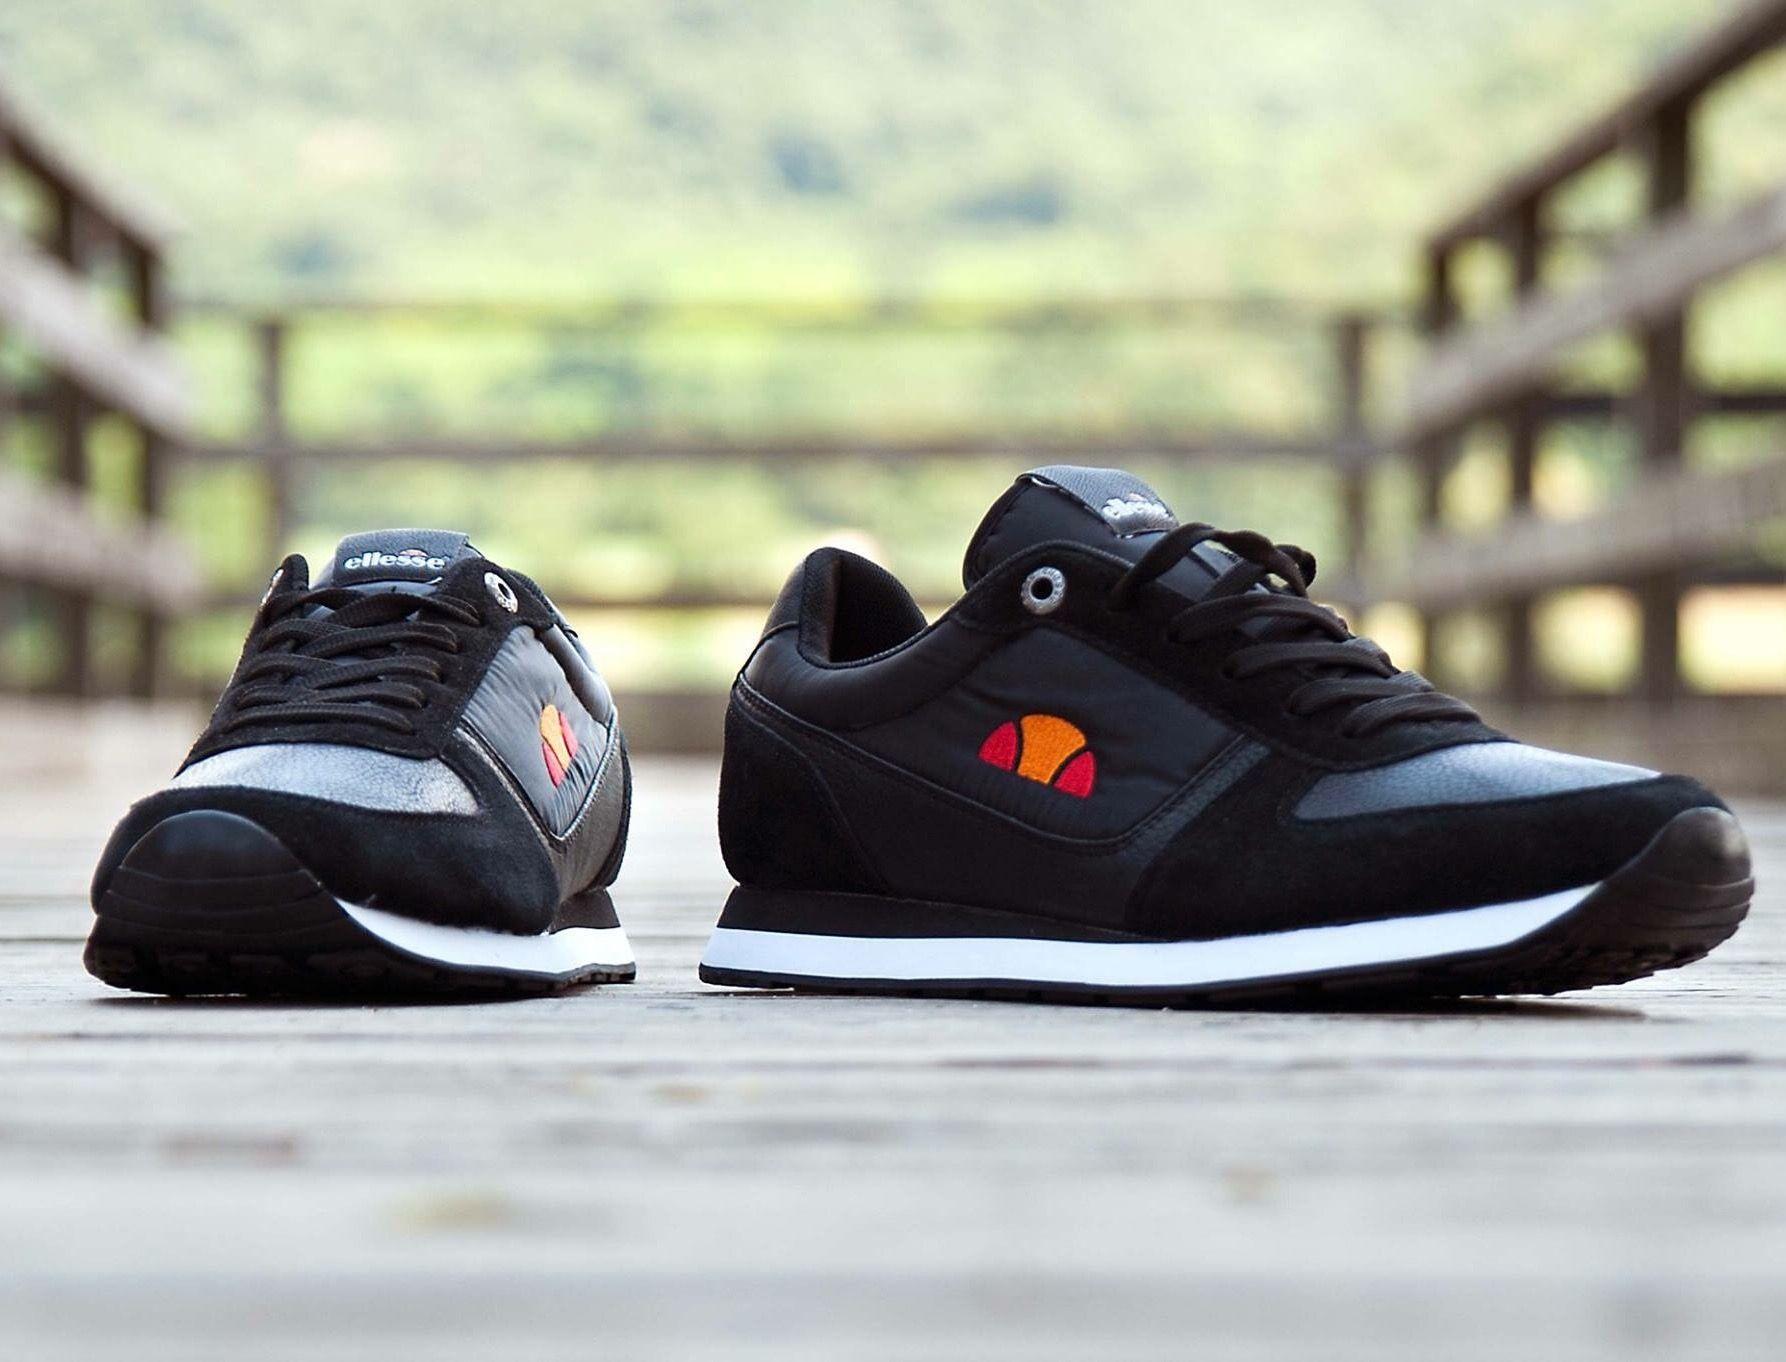 44e73ce1cf77 Ellesse Ellesse Shoes